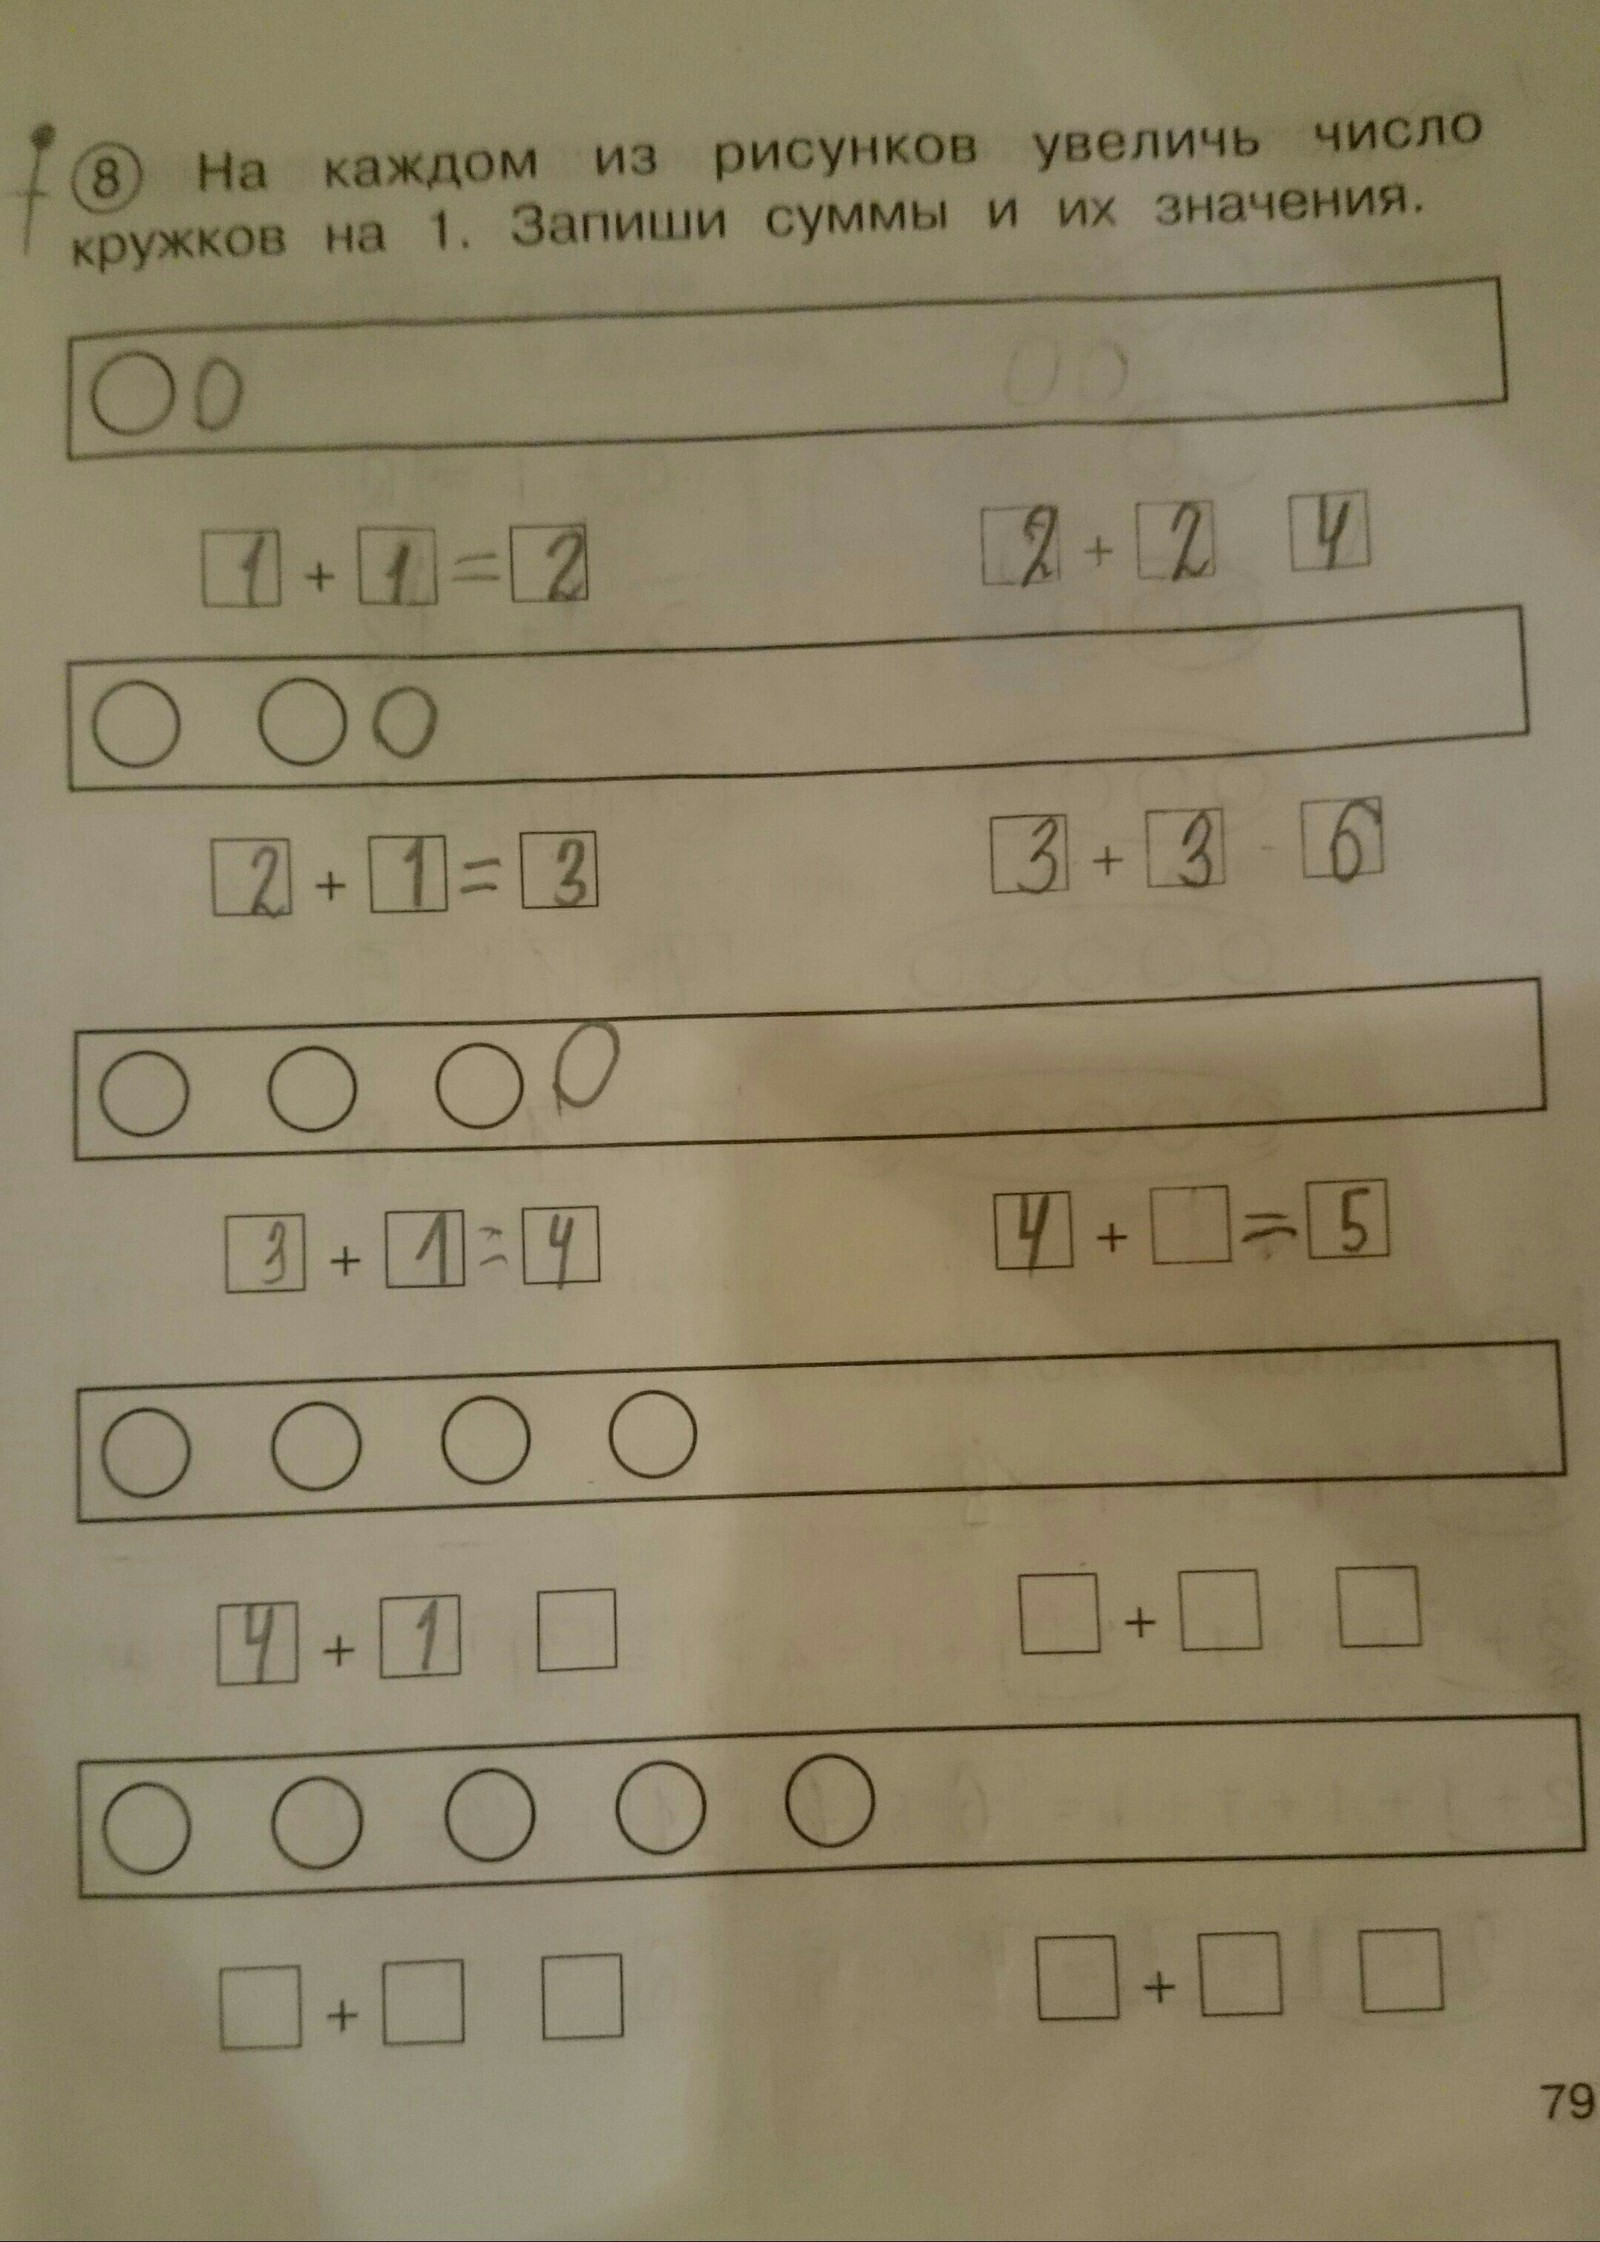 Задачи по математике помогите решить решение задач физика егэ часть с